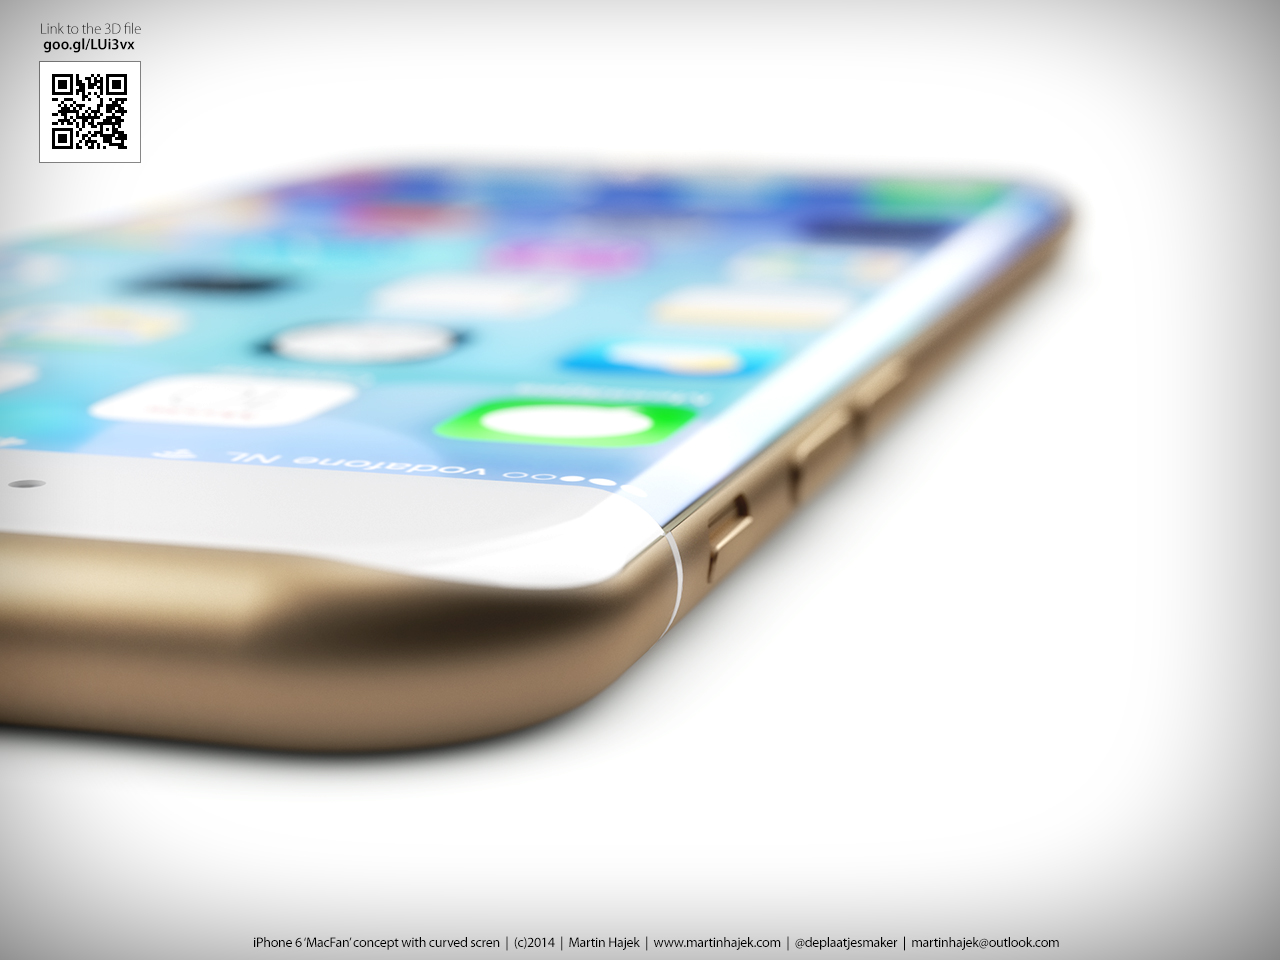 conceito-de-iphone-6-com-tela-curva-3